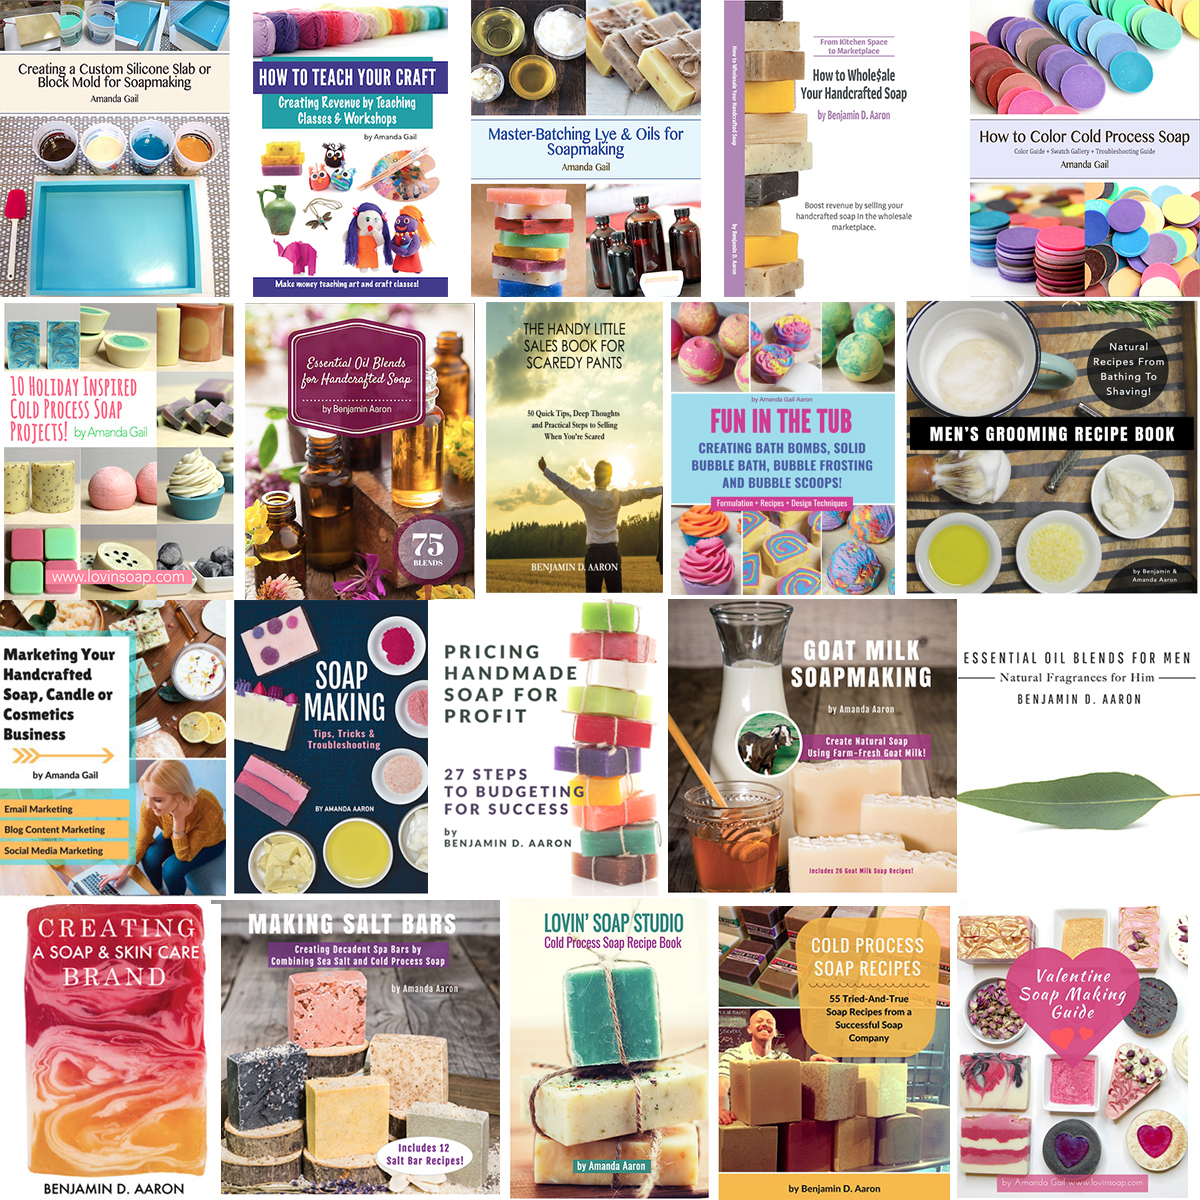 Ultimate Soap Maker Ebook Bundle 370 Value